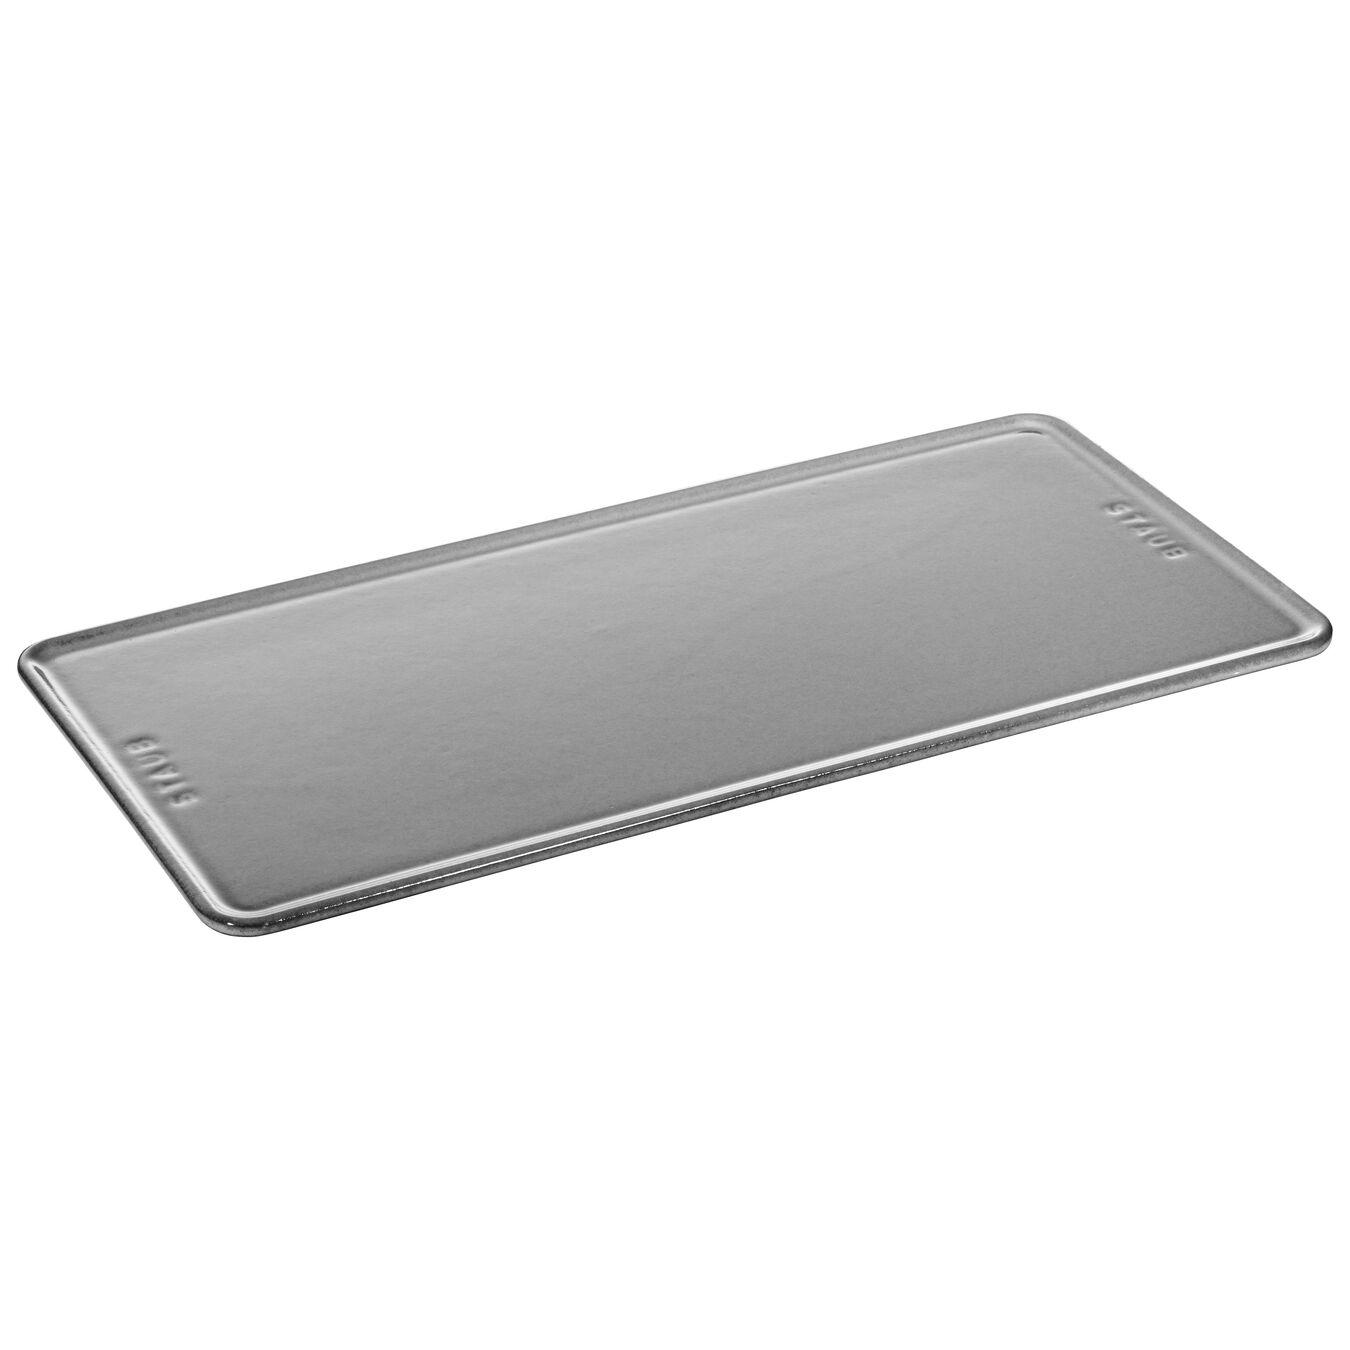 Assiette 30 cm x 15 cm, Fonte, Gris graphite,,large 3